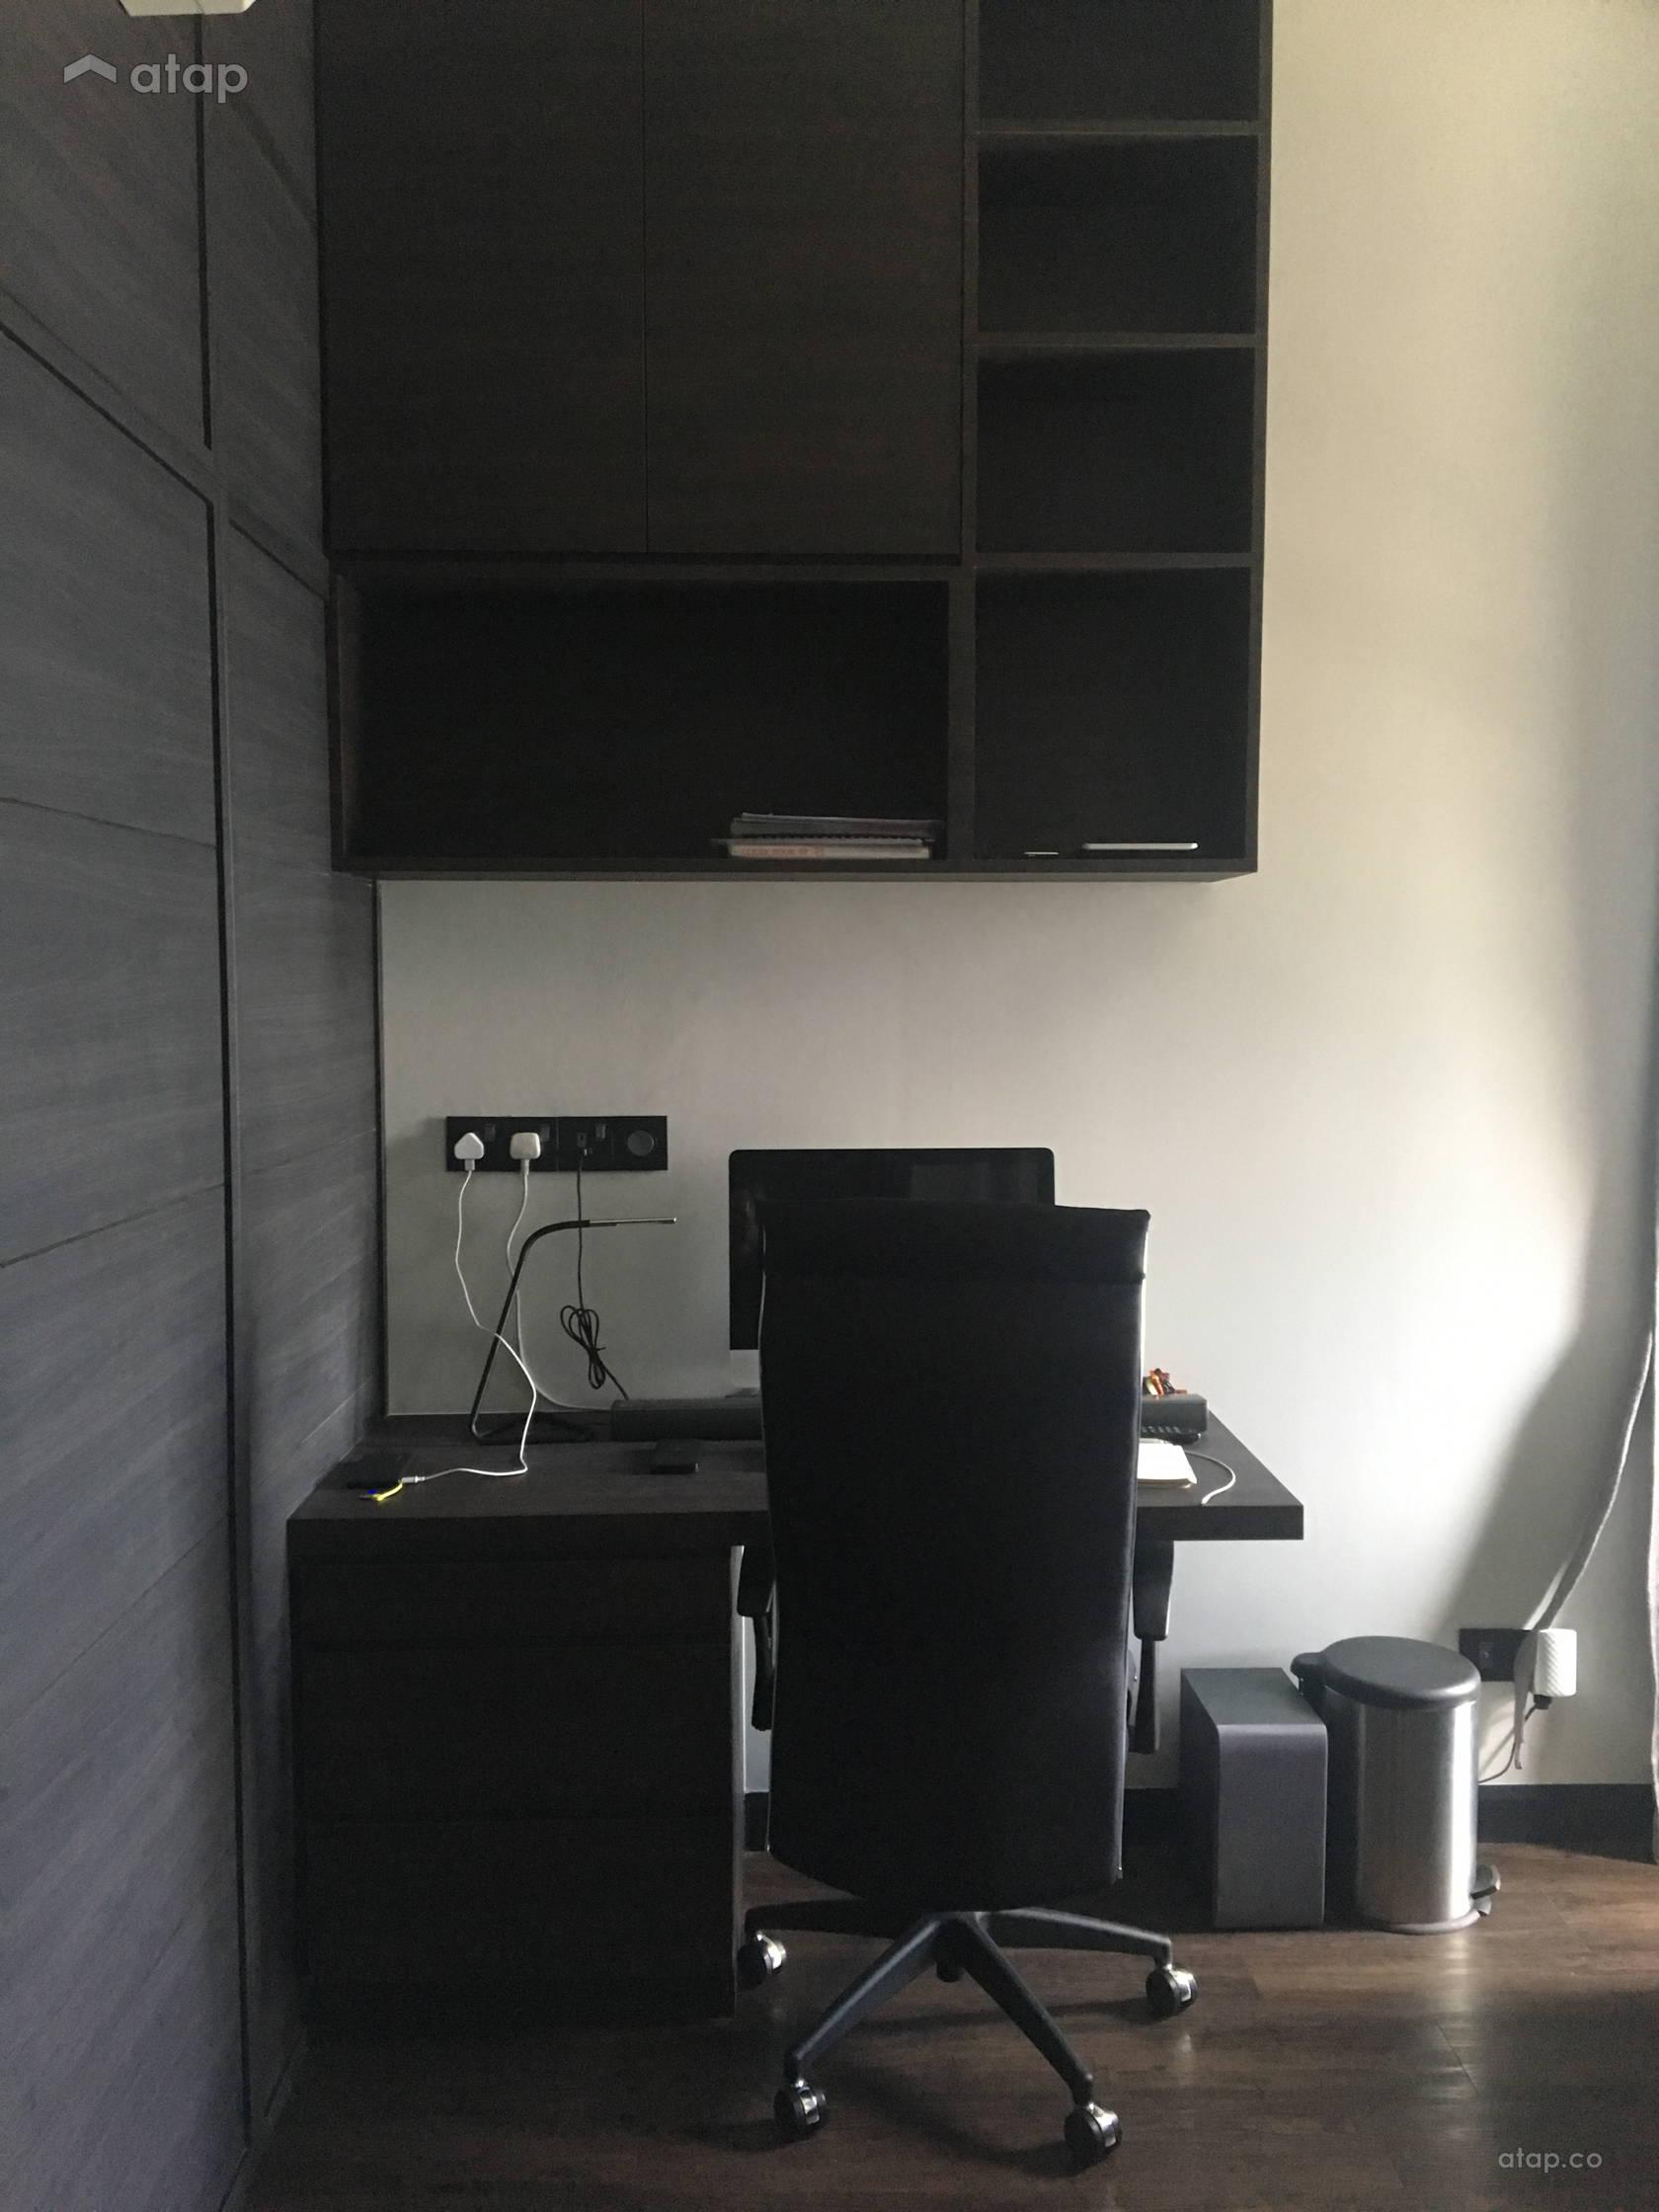 Condominium Study Room: Industrial Modern Study Room Condominium Design Ideas